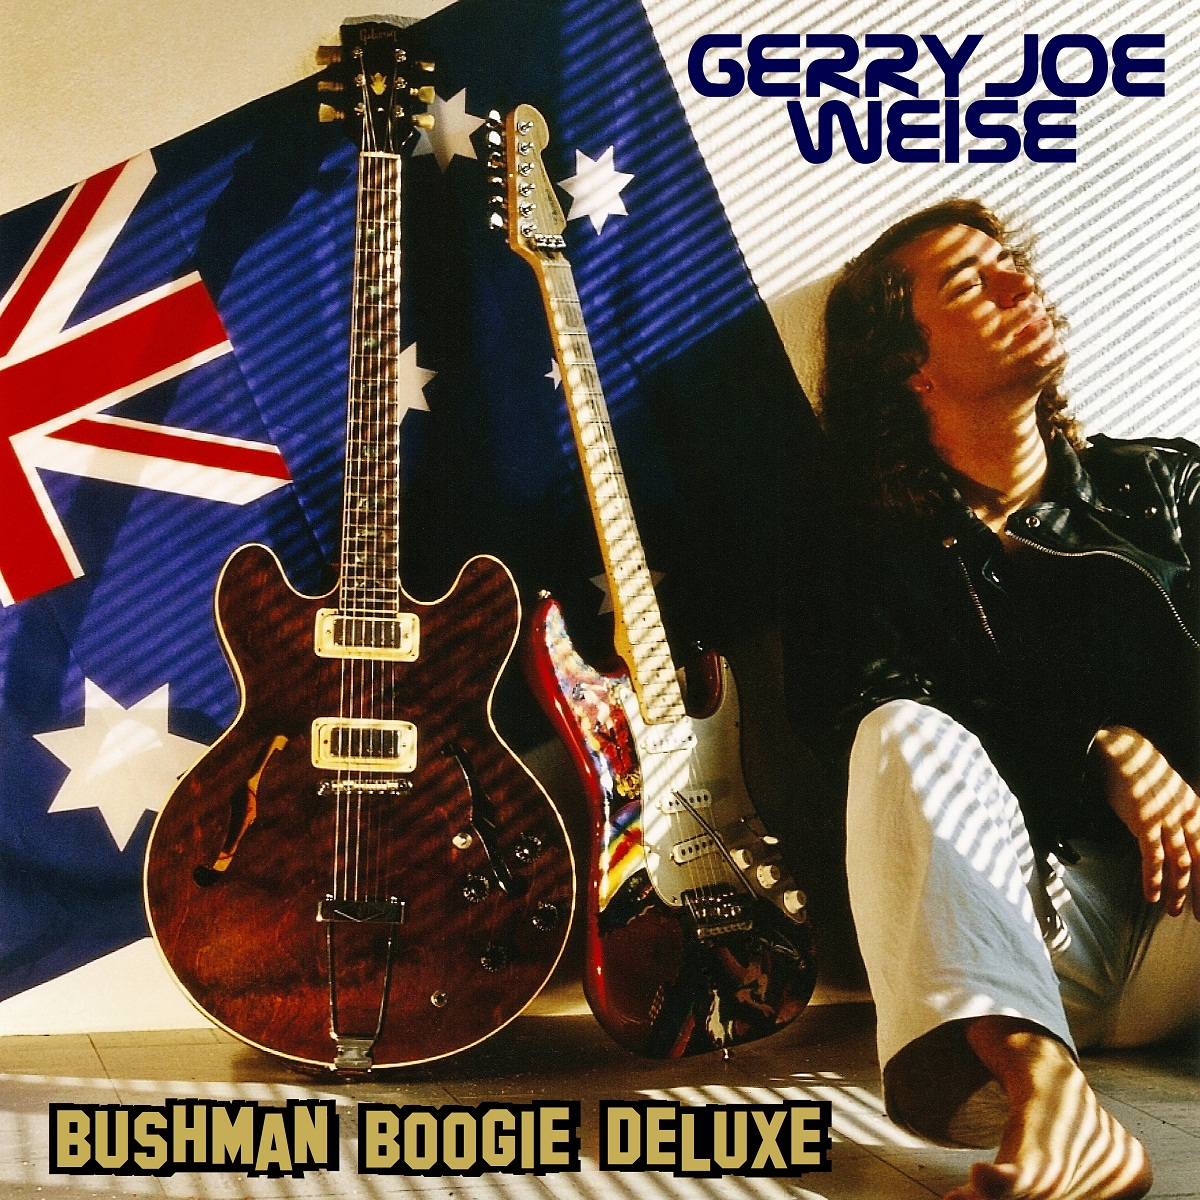 Bushman Boogie Deluxe, 1999 album